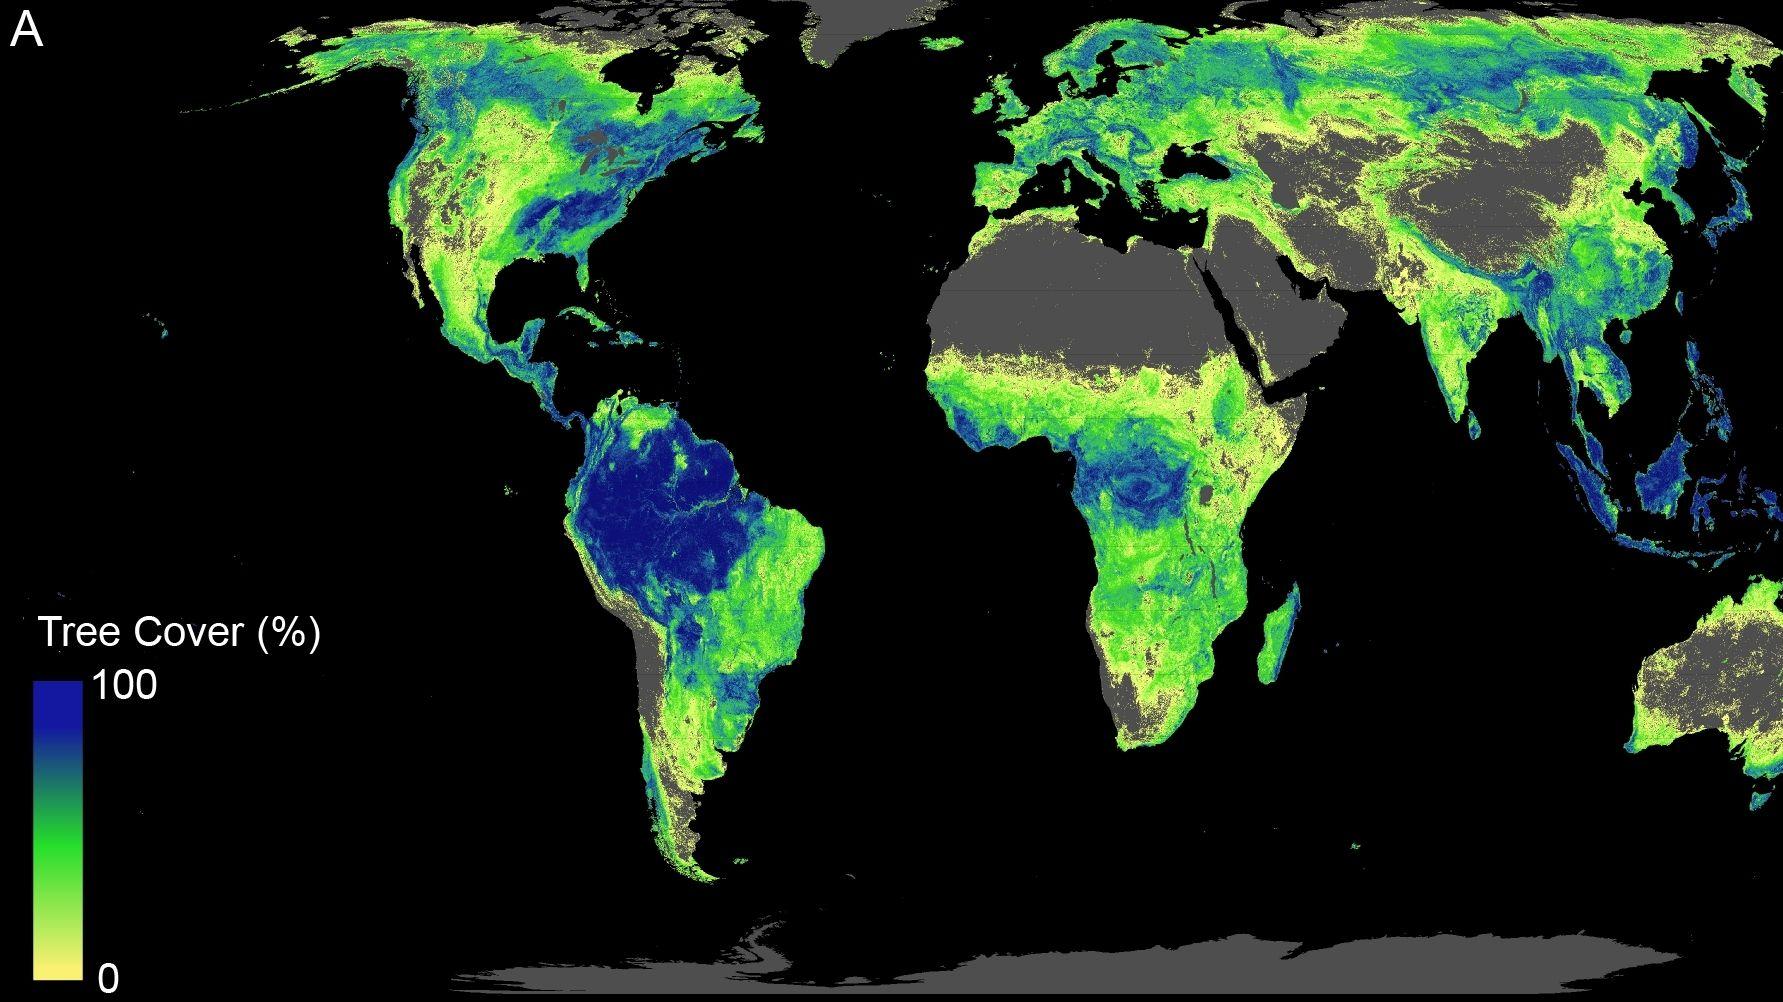 Weltkarte, Waldwuchs farbig markiert